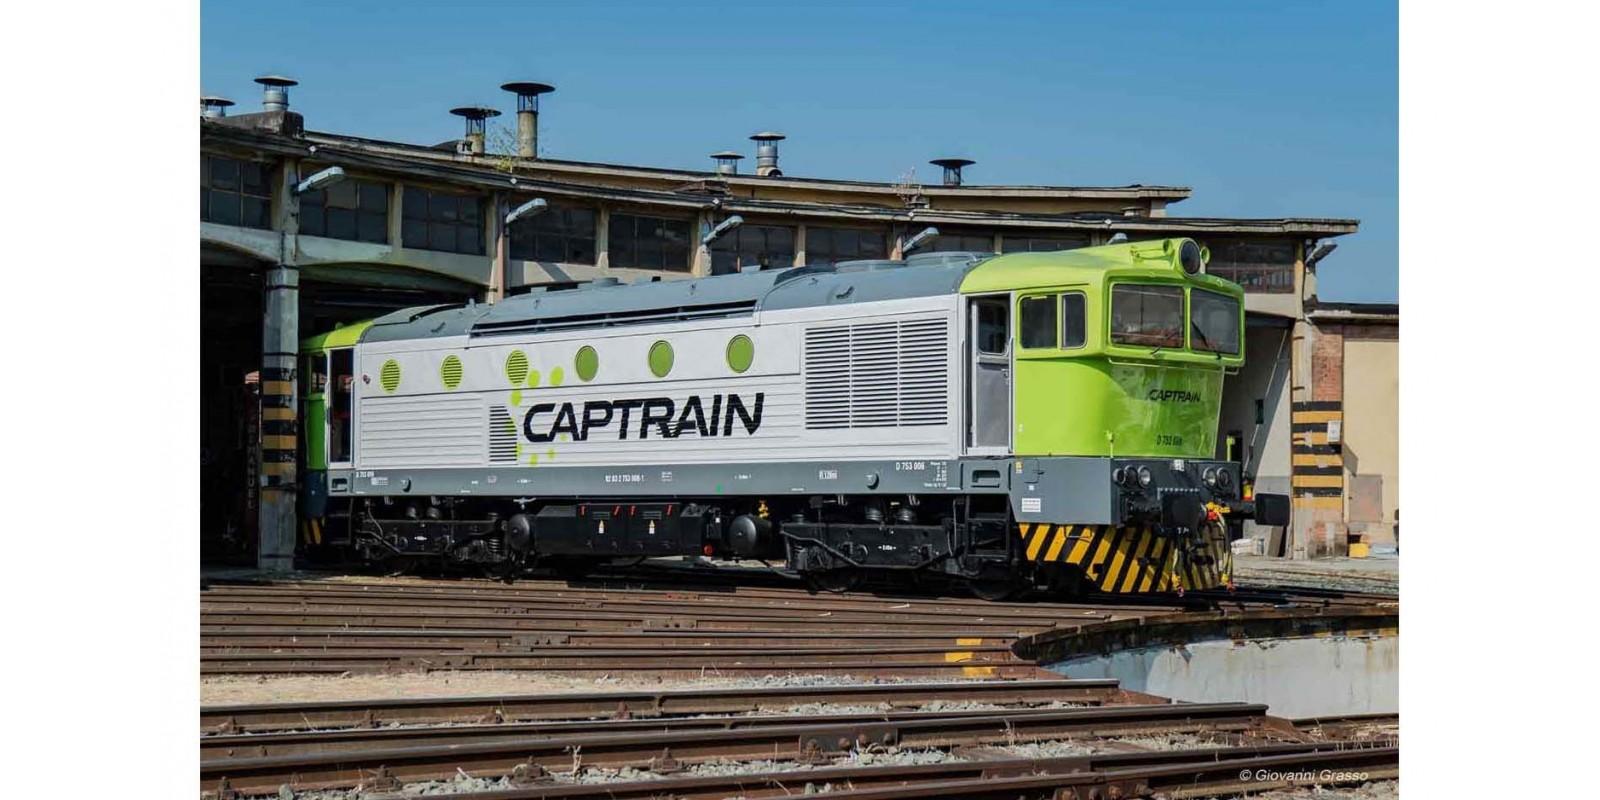 RI2844S Captrain Italia, D.753, with DCC sound decoder